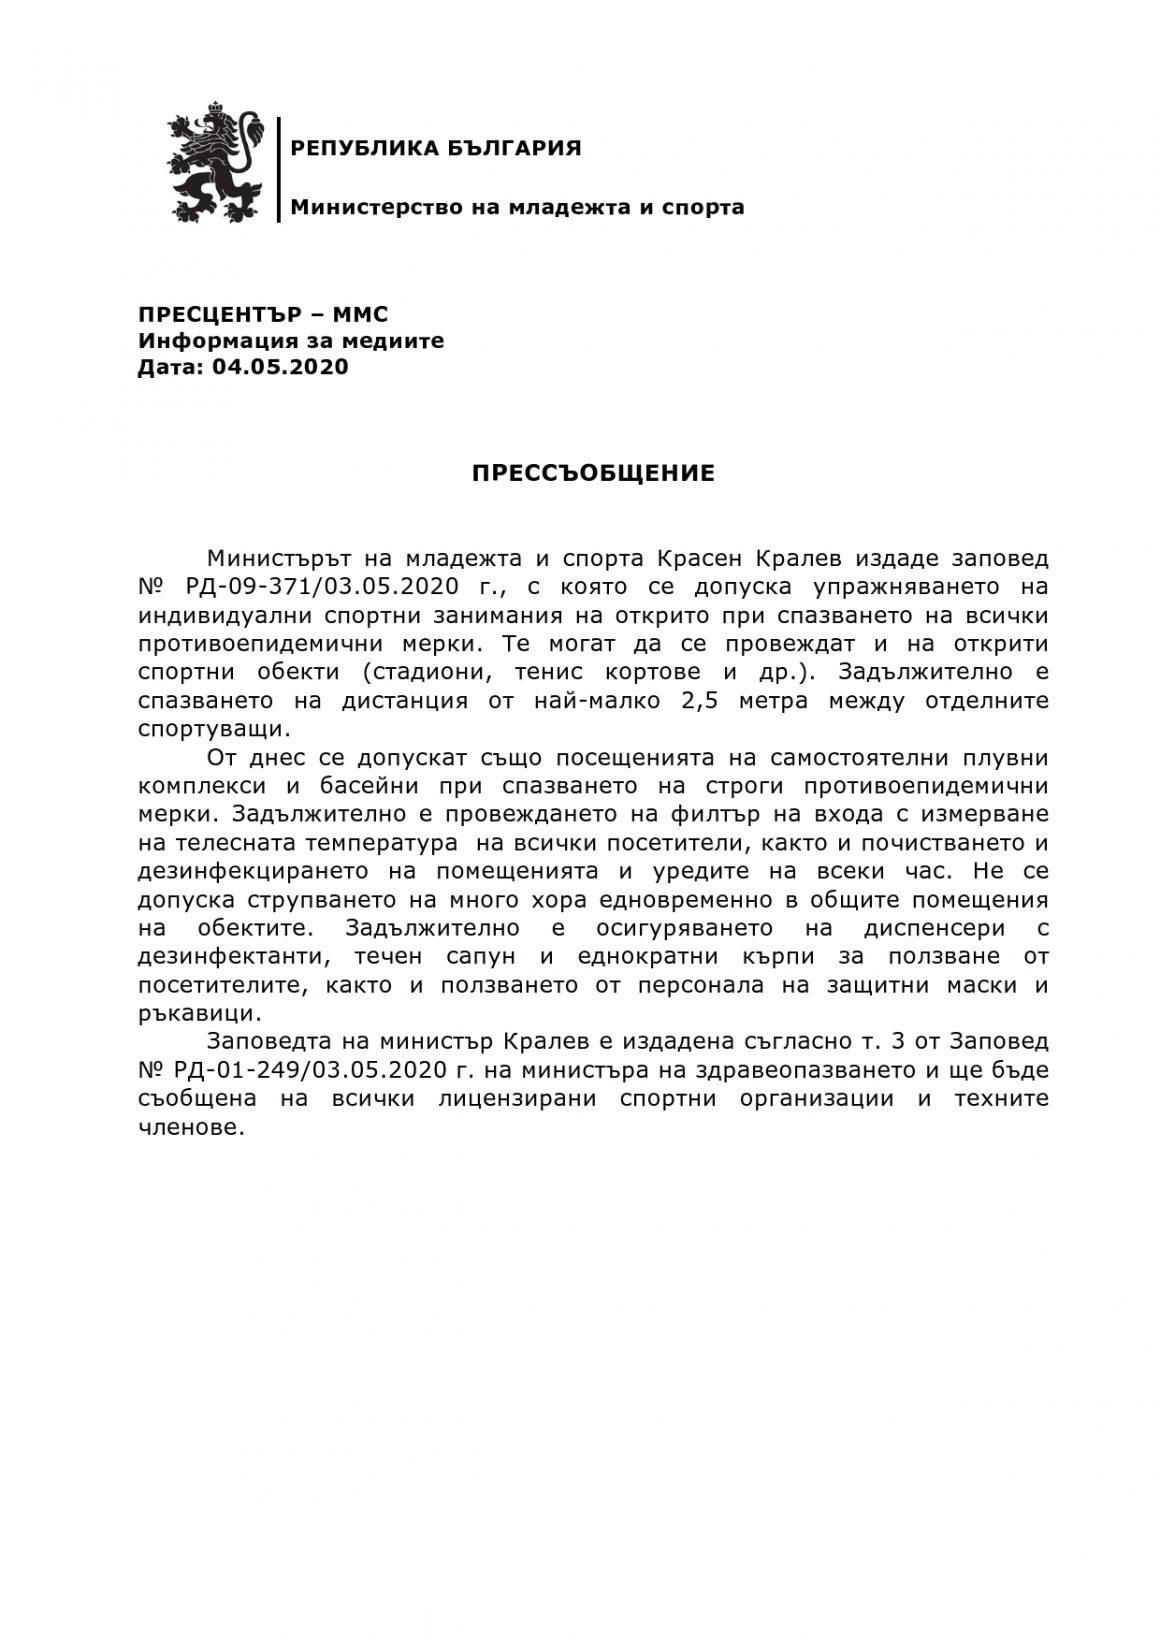 Заповед на министъра на младежта и спорта относно заниманията със спорт в страната – от 4 май 2020 г.